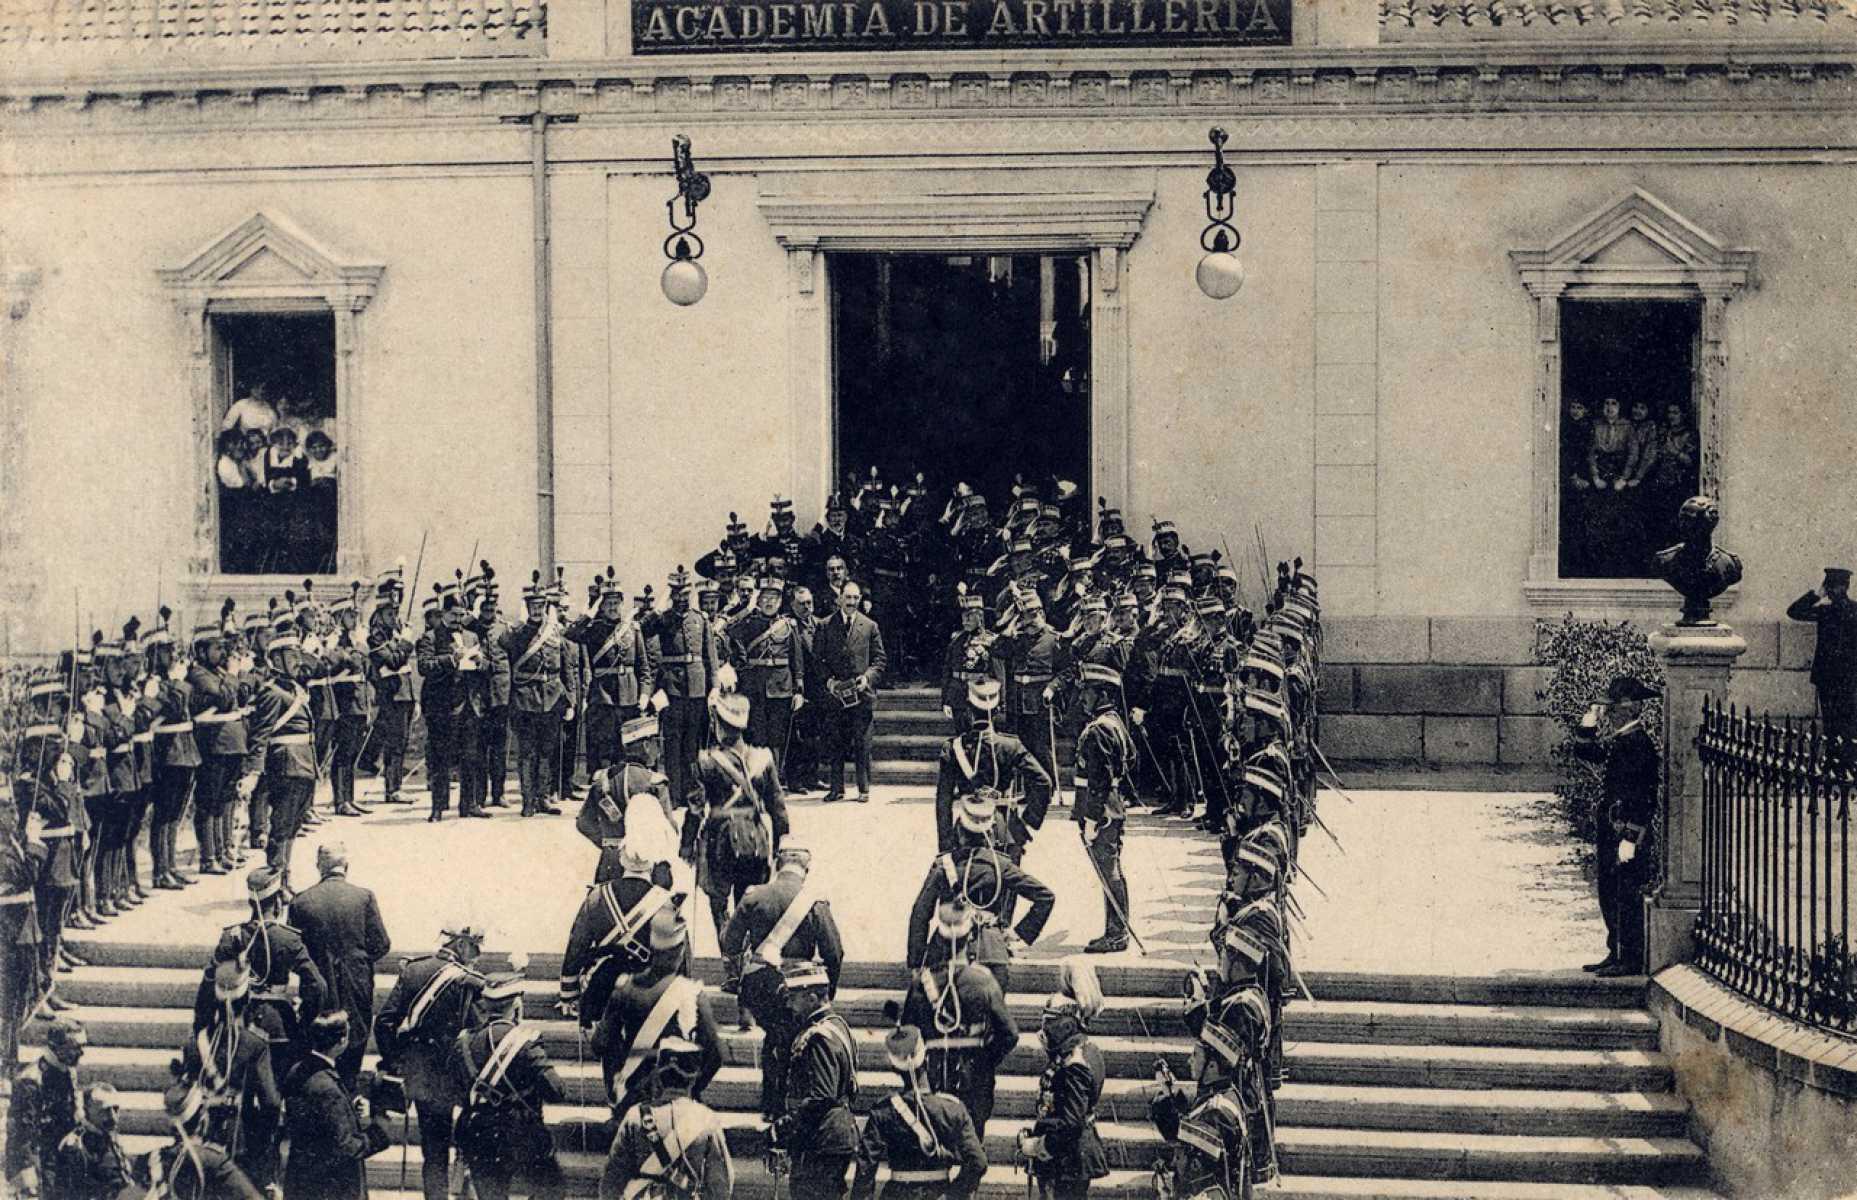 28.- Colecciones y archivos particulares de D. Javier Alonso Herranz